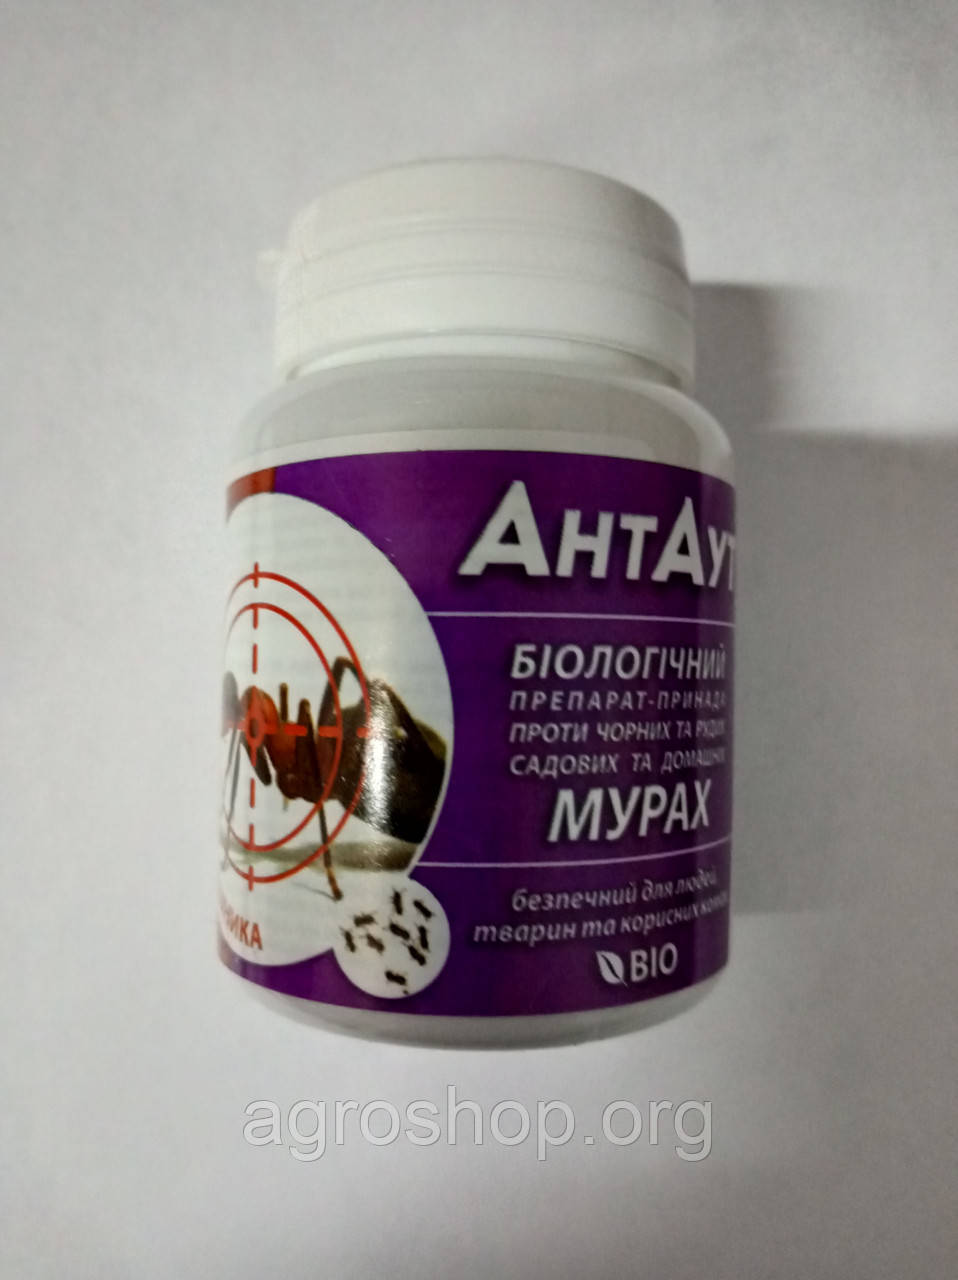 Антаут, биологический препарат от муравьев, 40 гр